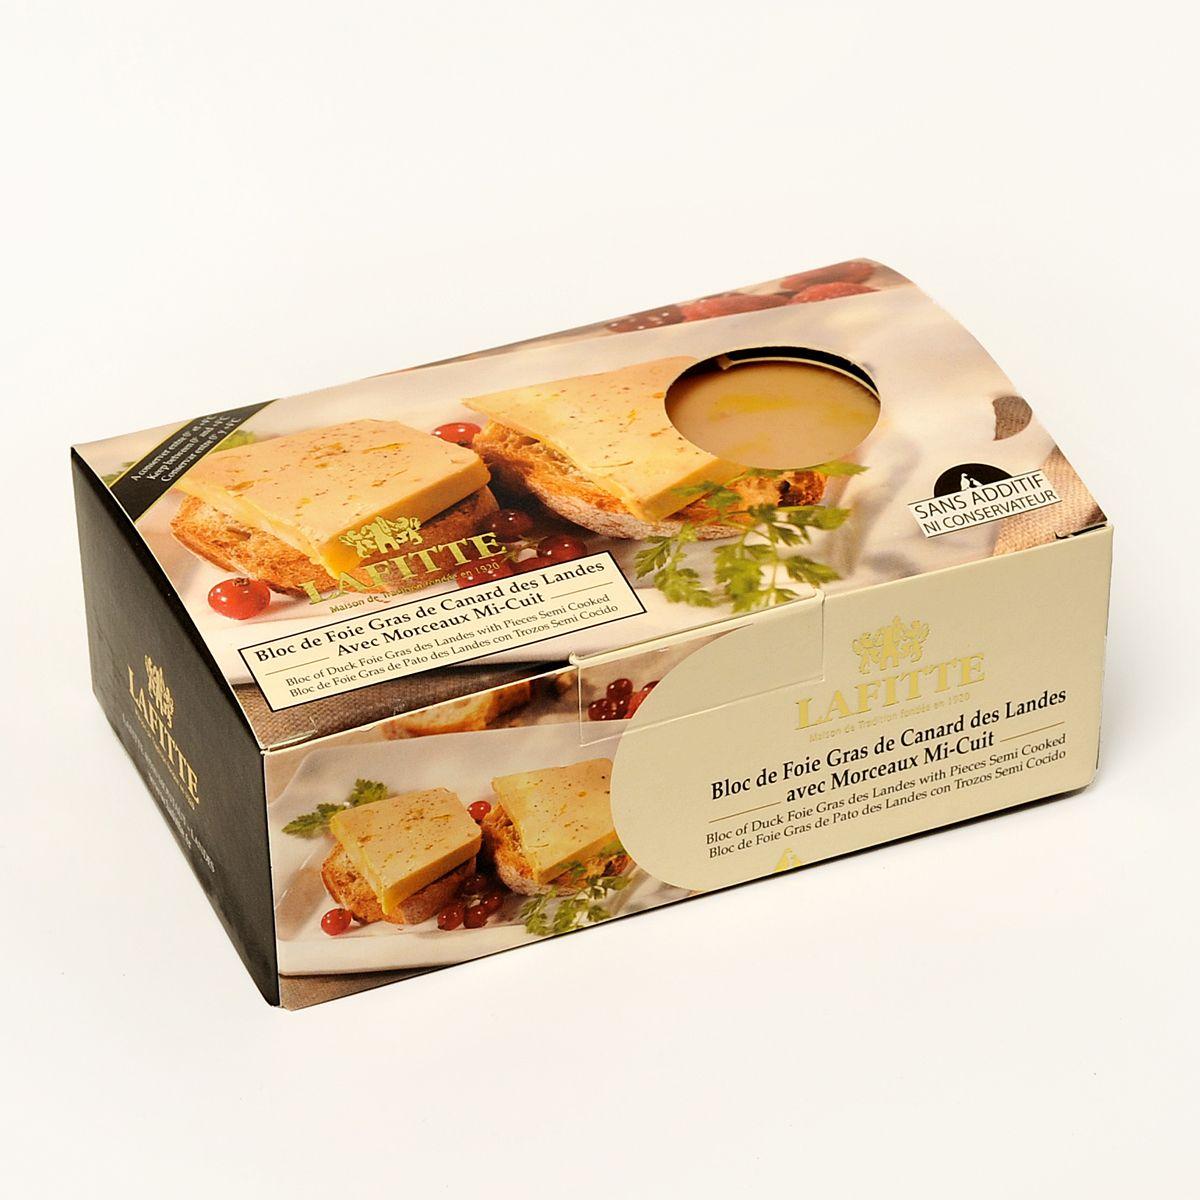 ComprarBloc de foie gras de pato con trozos micuit Lafitte